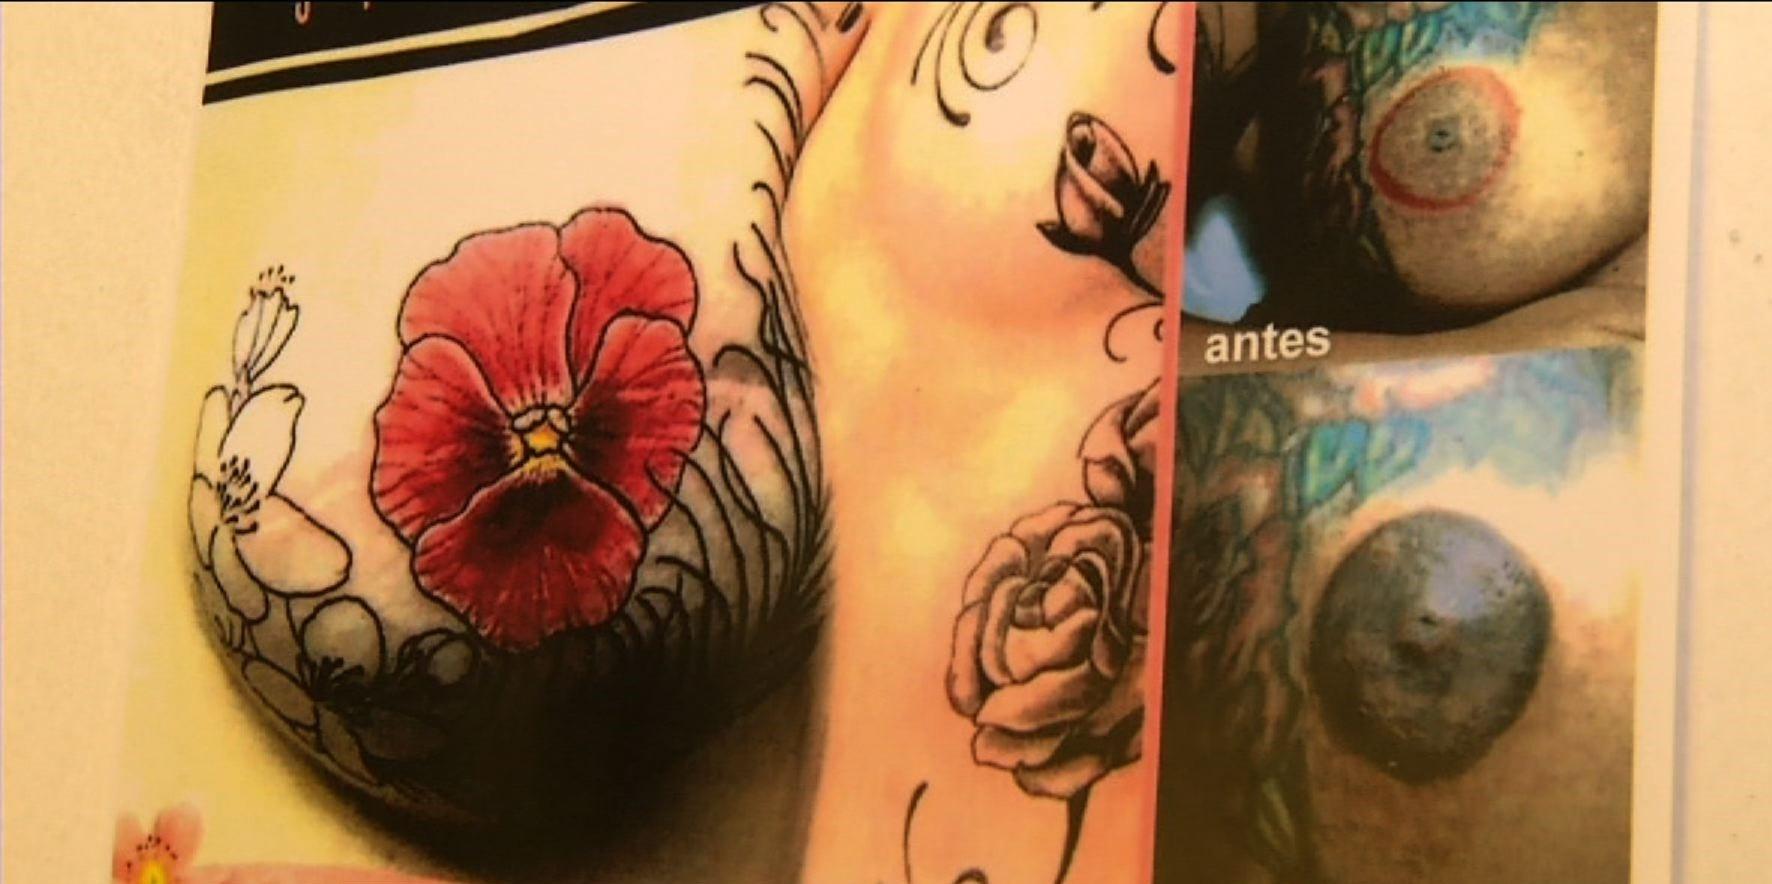 Projeto oferece tatuagens gratuitas para mulheres que fizeram mastectomia em Resende - Notícias - Plantão Diário